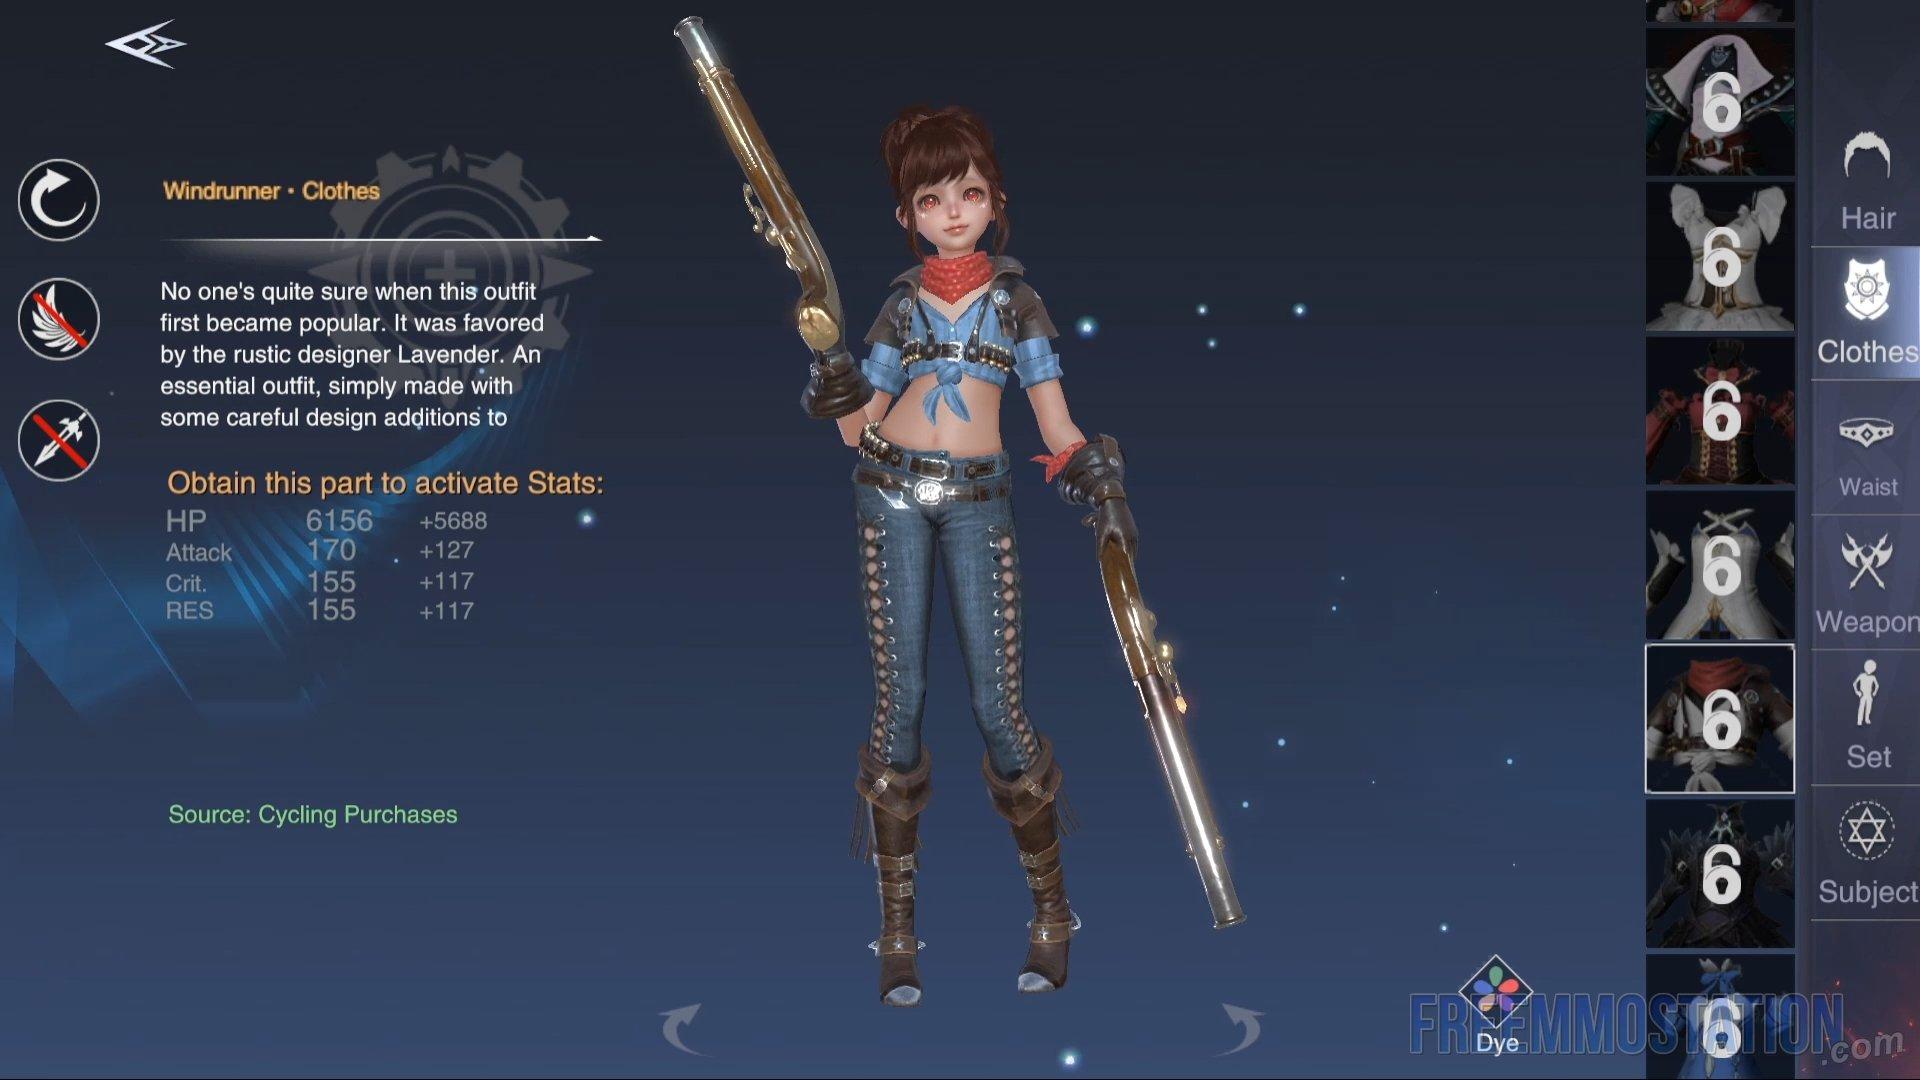 Forsaken World: Gods and Demons Gameplay Outfits